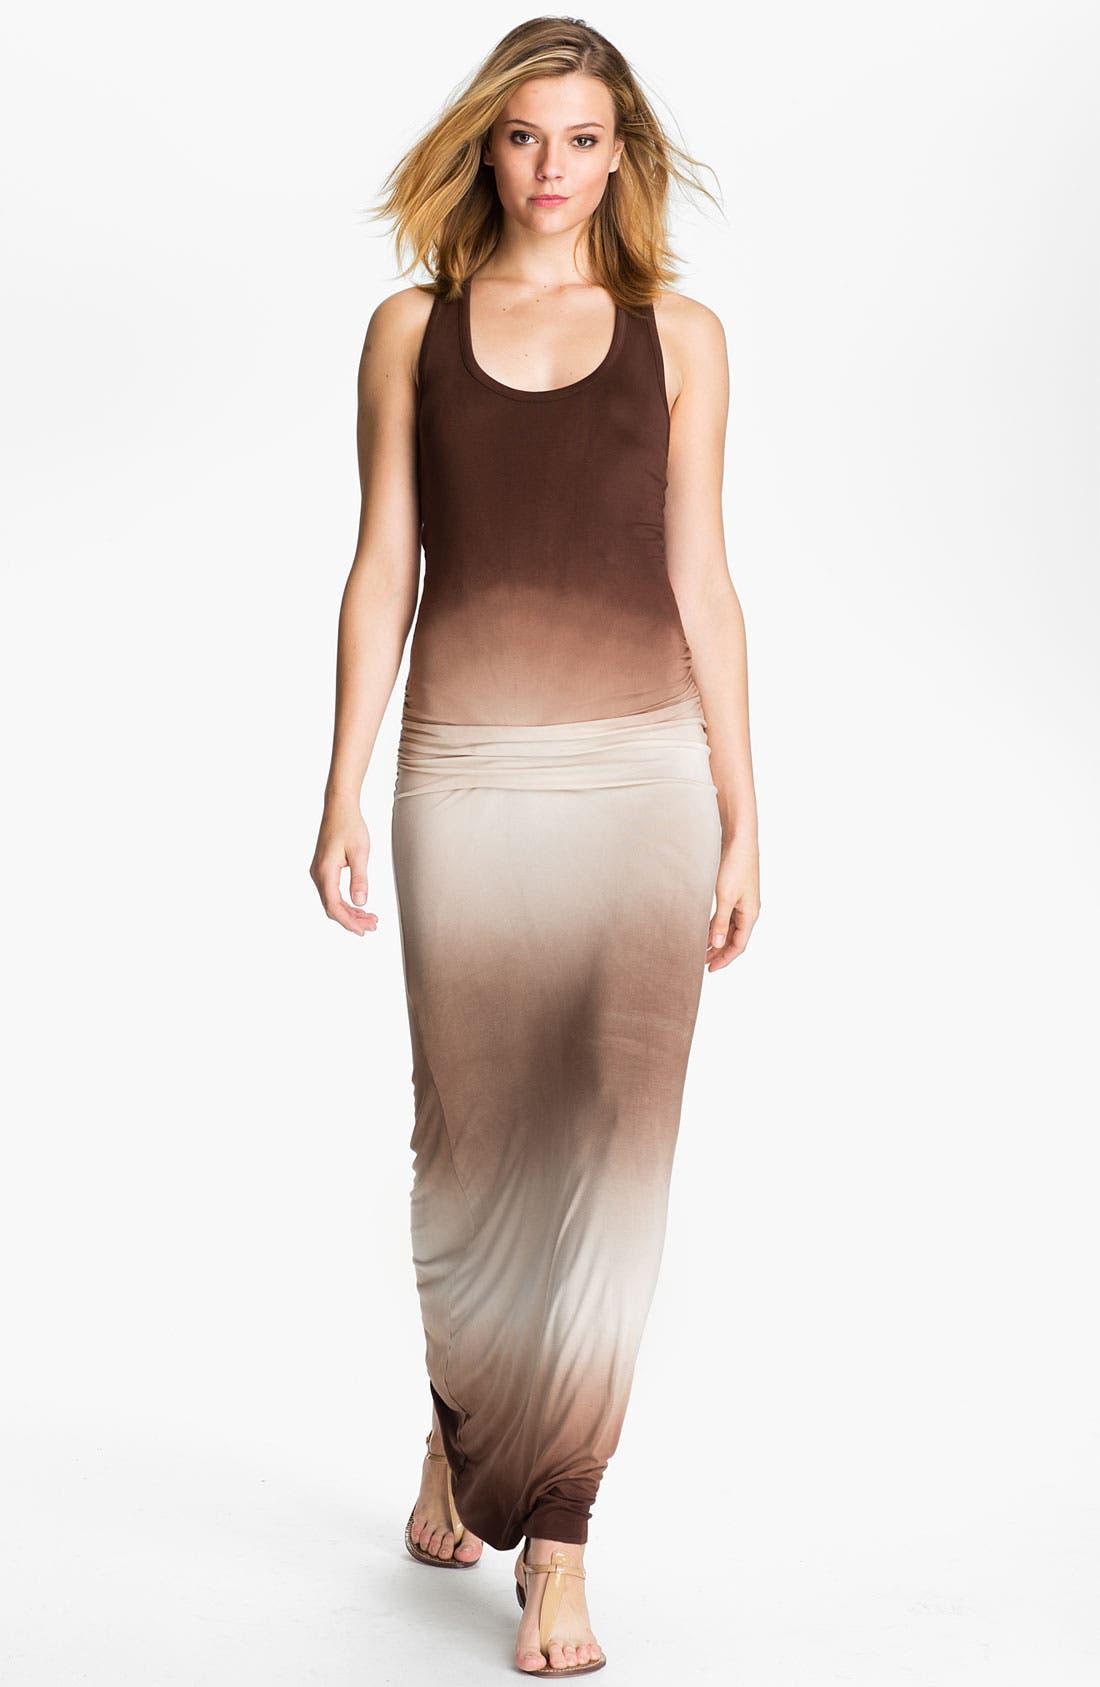 Main Image - Young, Fabulous & Broke 'Hamptons' Ombré Maxi Dress